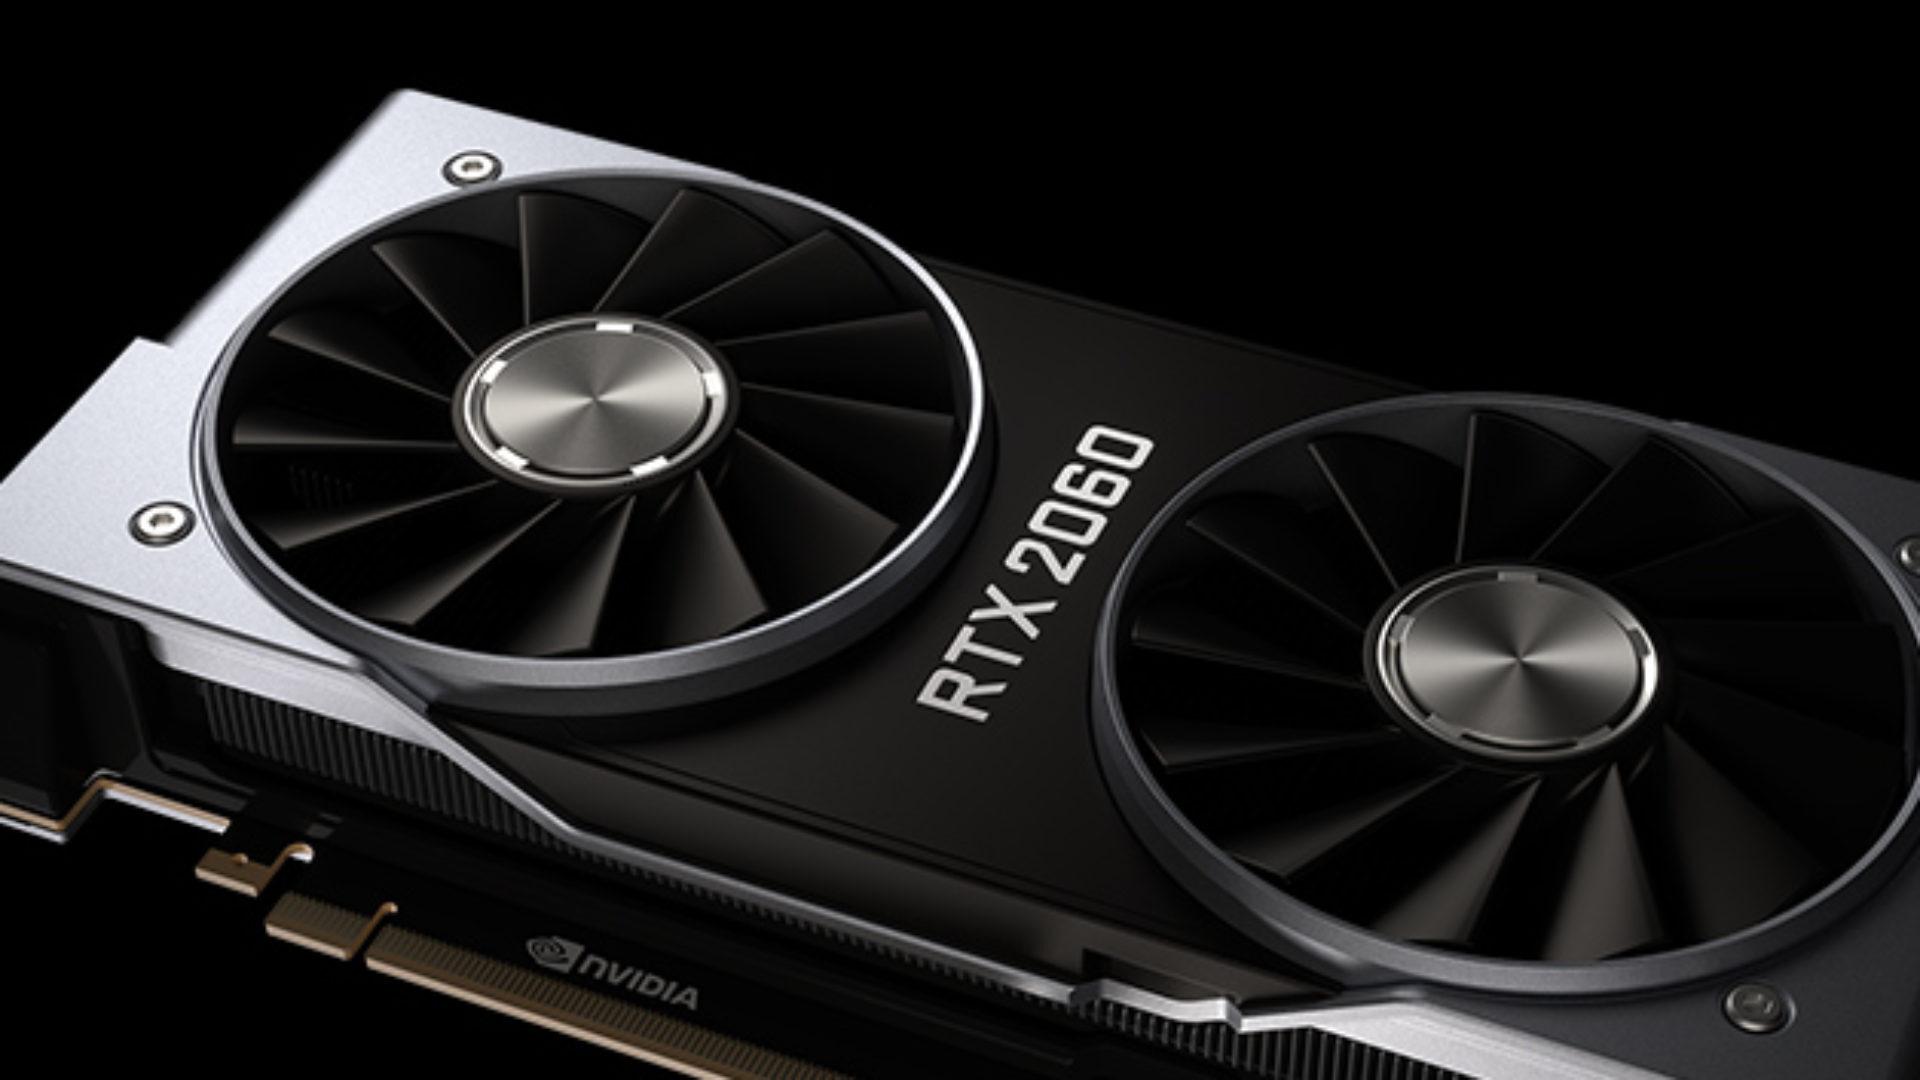 В продажу поступила видеокарта RTX 2060 с ухудшенными характеристиками